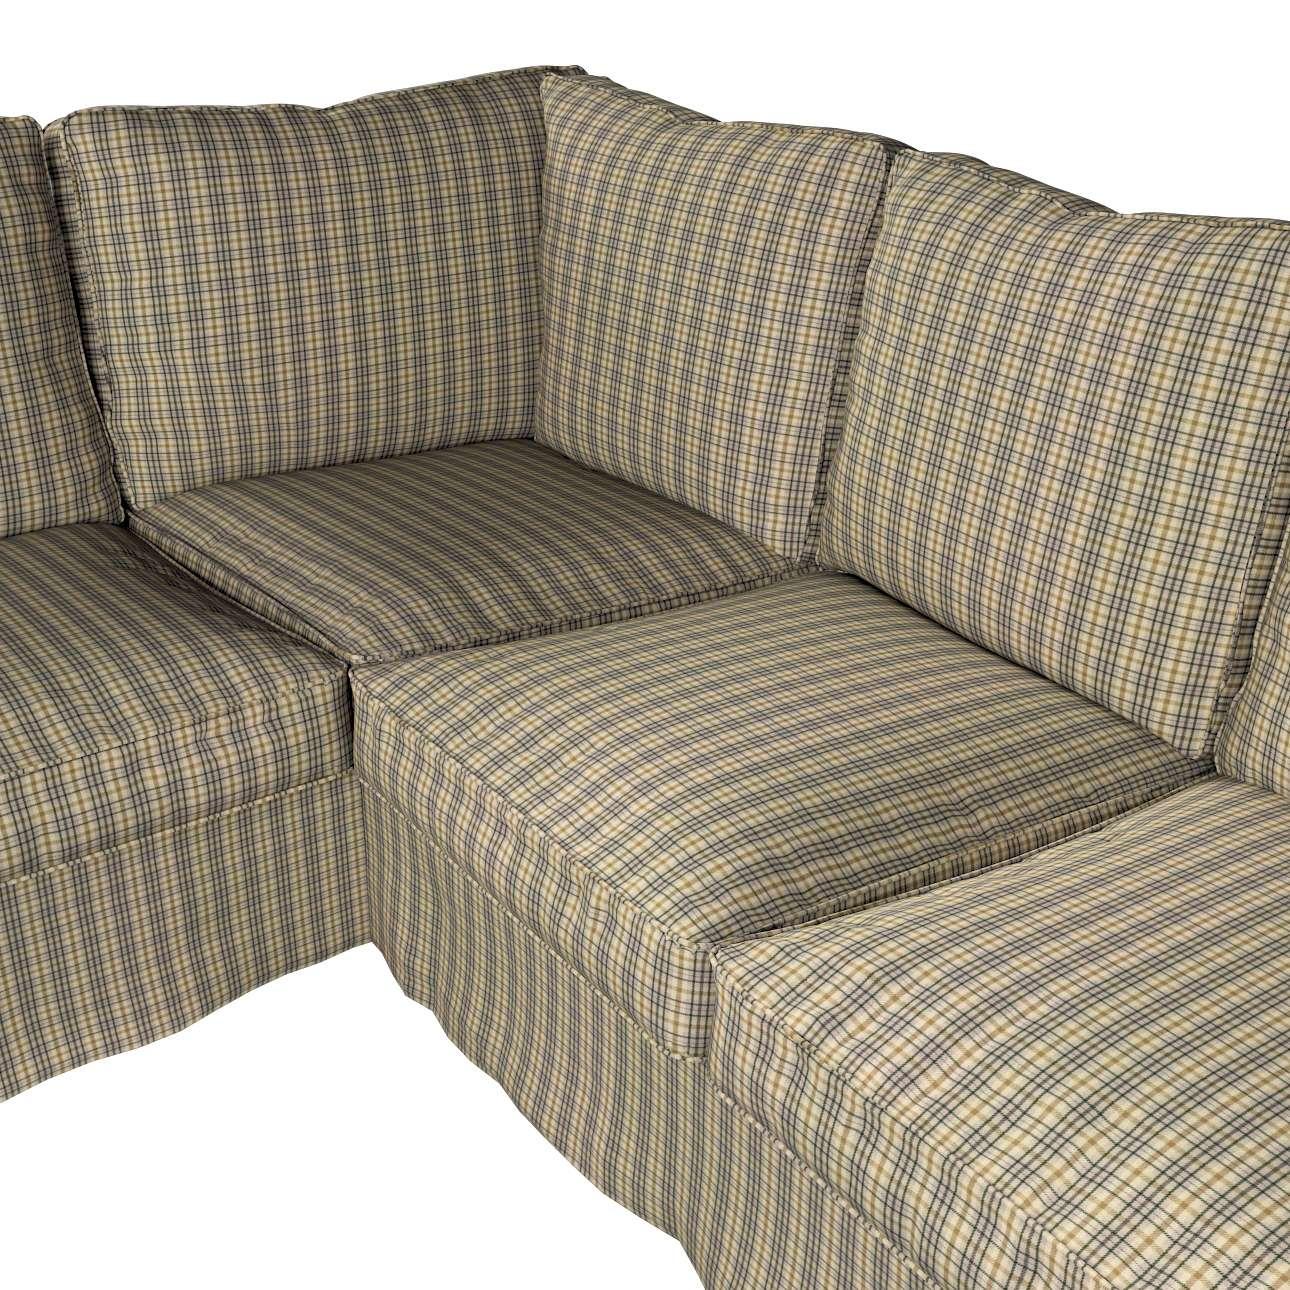 Pokrowiec Ektorp na sofę narożną w kolekcji Londres, tkanina: 143-39